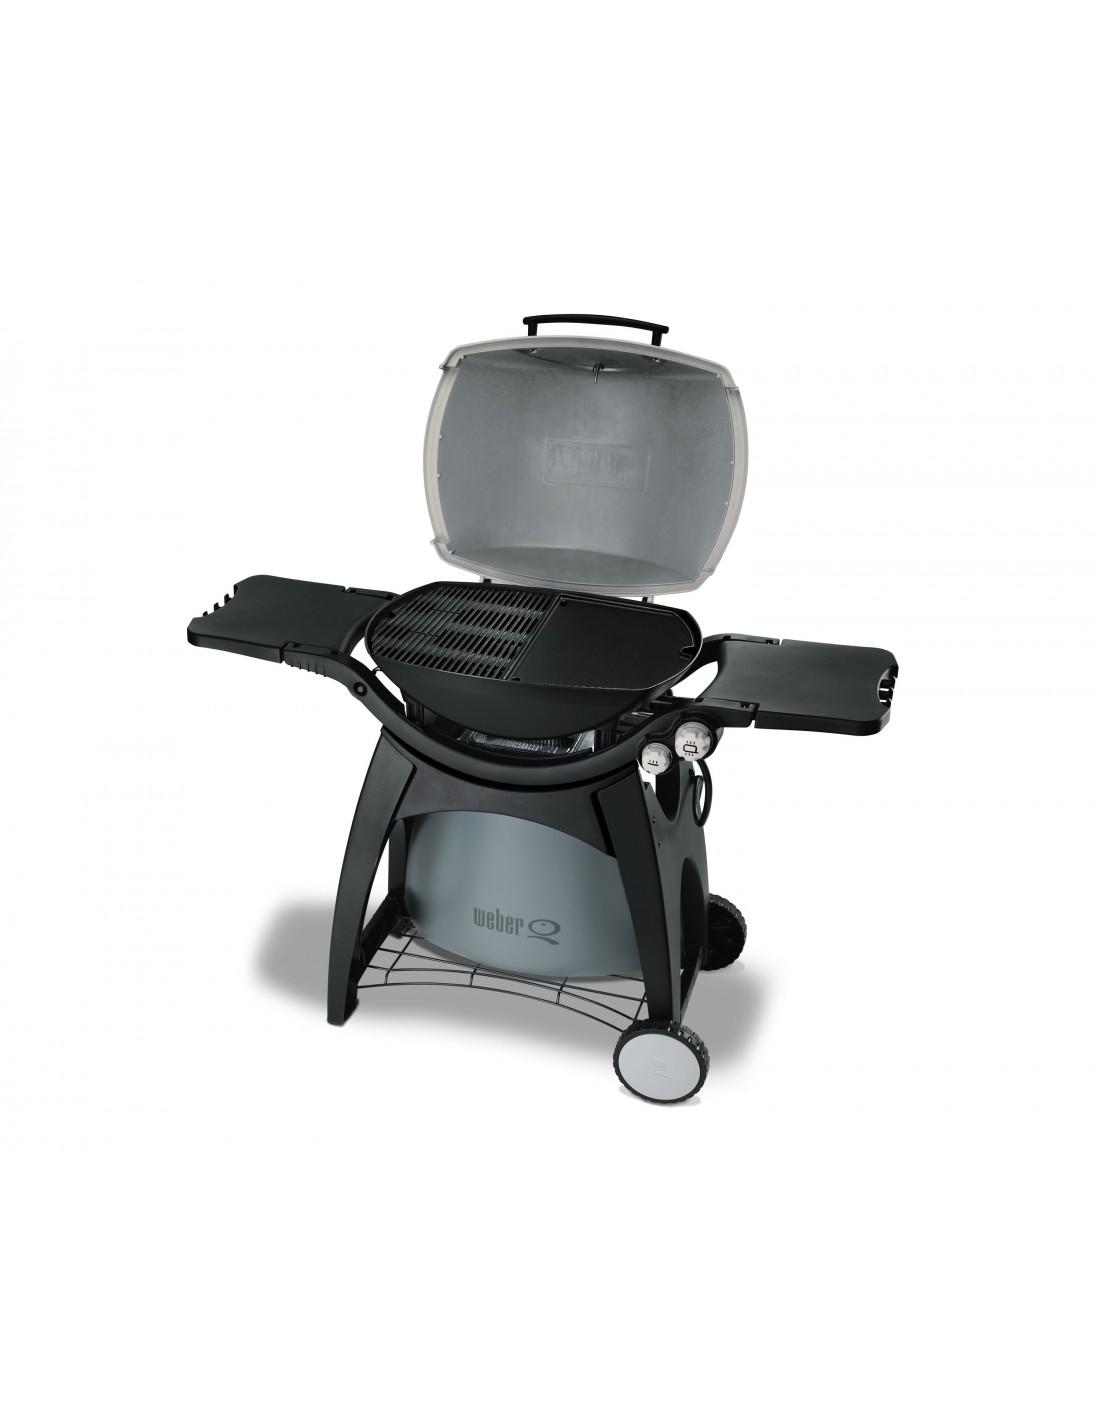 Plancha en fonte pour barbecue weber gaz q s rie 300 et 3000 - Plancha pour barbecue weber ...